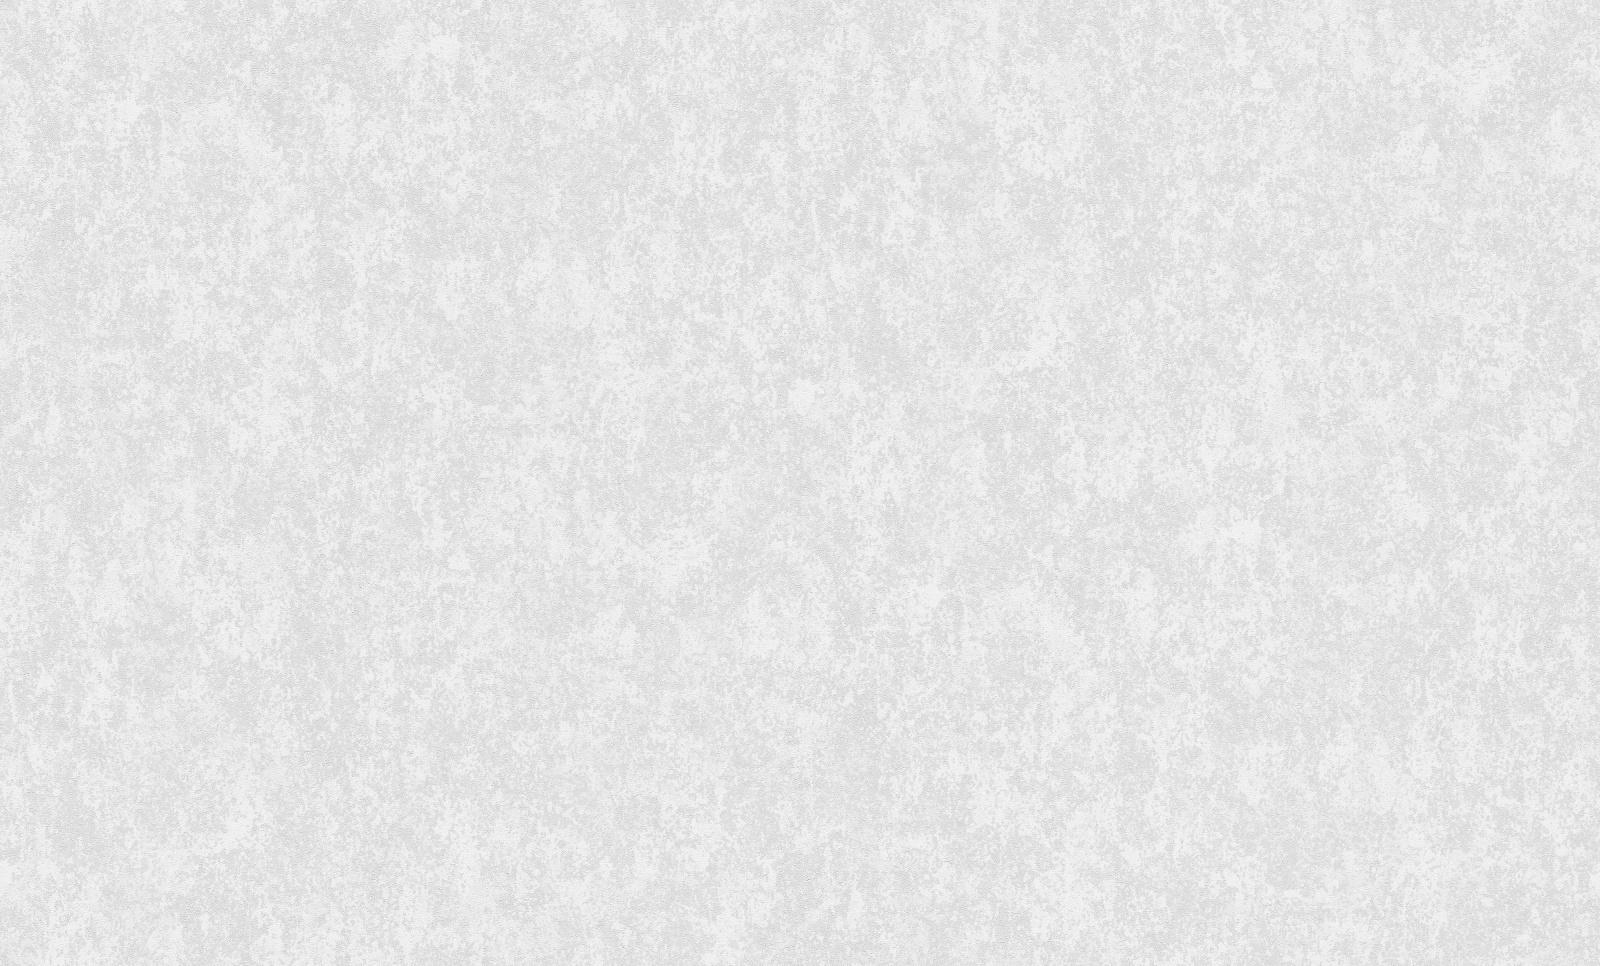 картинки белого фона на весь экран набережной имеется